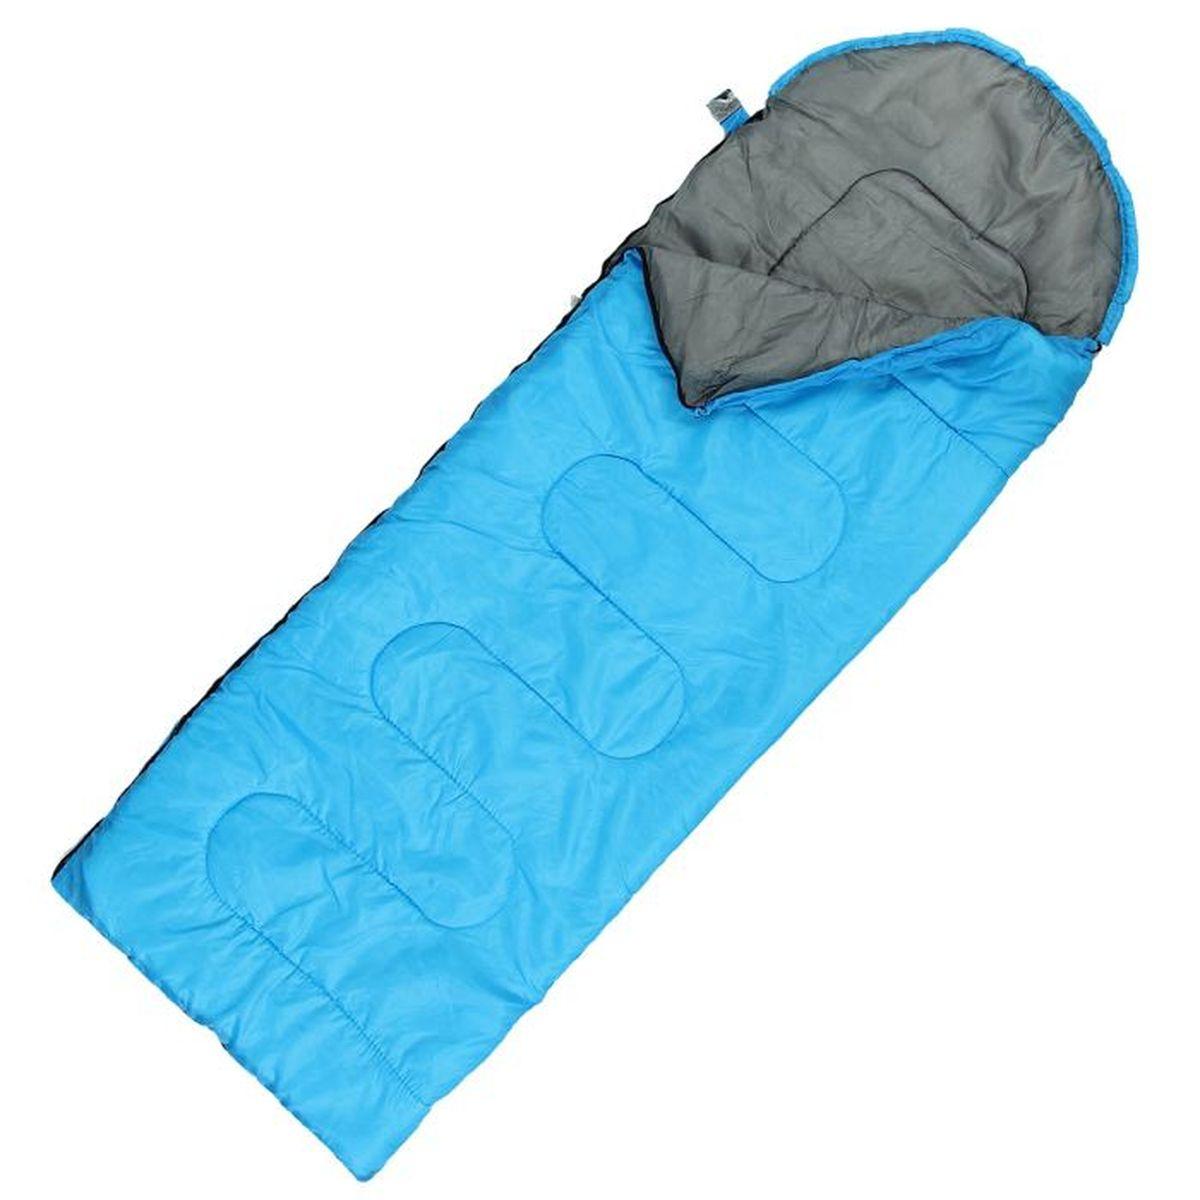 Спальный мешок Командор, цвет: голубой, правосторонняя молния37001_R_4100Спальный мешок Командор - комфортный, просторный и очень теплый 3-сезонный спальник предназначен для походов и для отдыха на природе не только в летнее время, но и в прохладные дни весенне-осеннего периода. В теплое время спальный мешок можно использовать как одеяло (в том числе и дома).